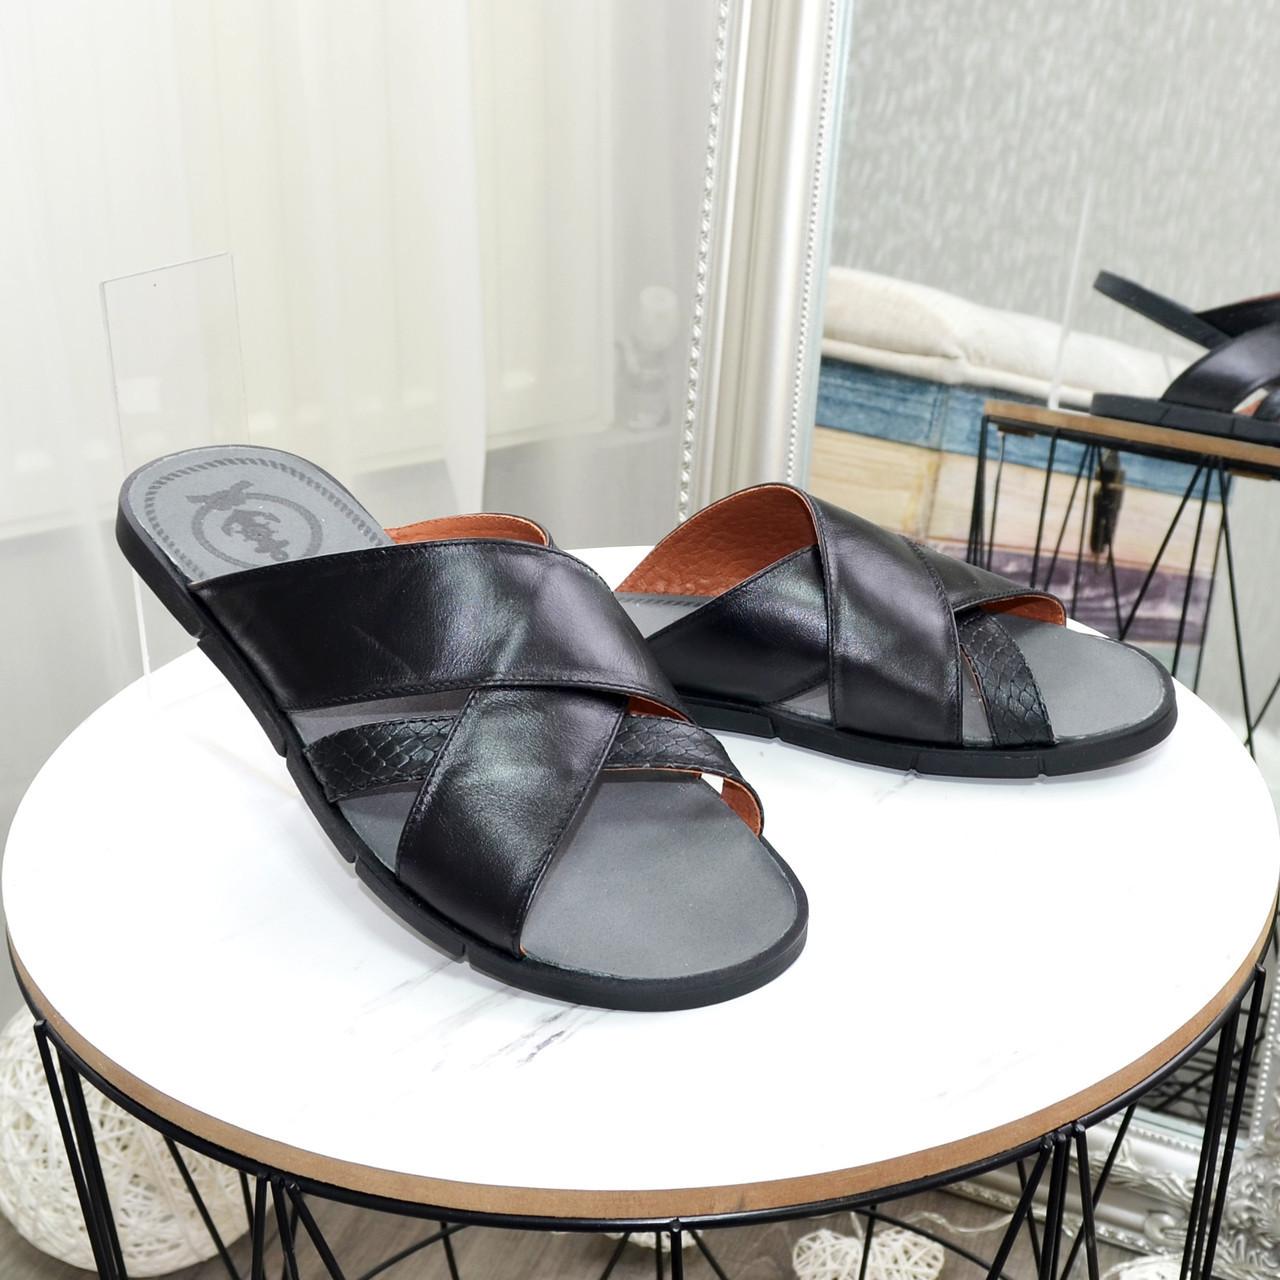 Шлепанцы мужские кожаные, цвет черный